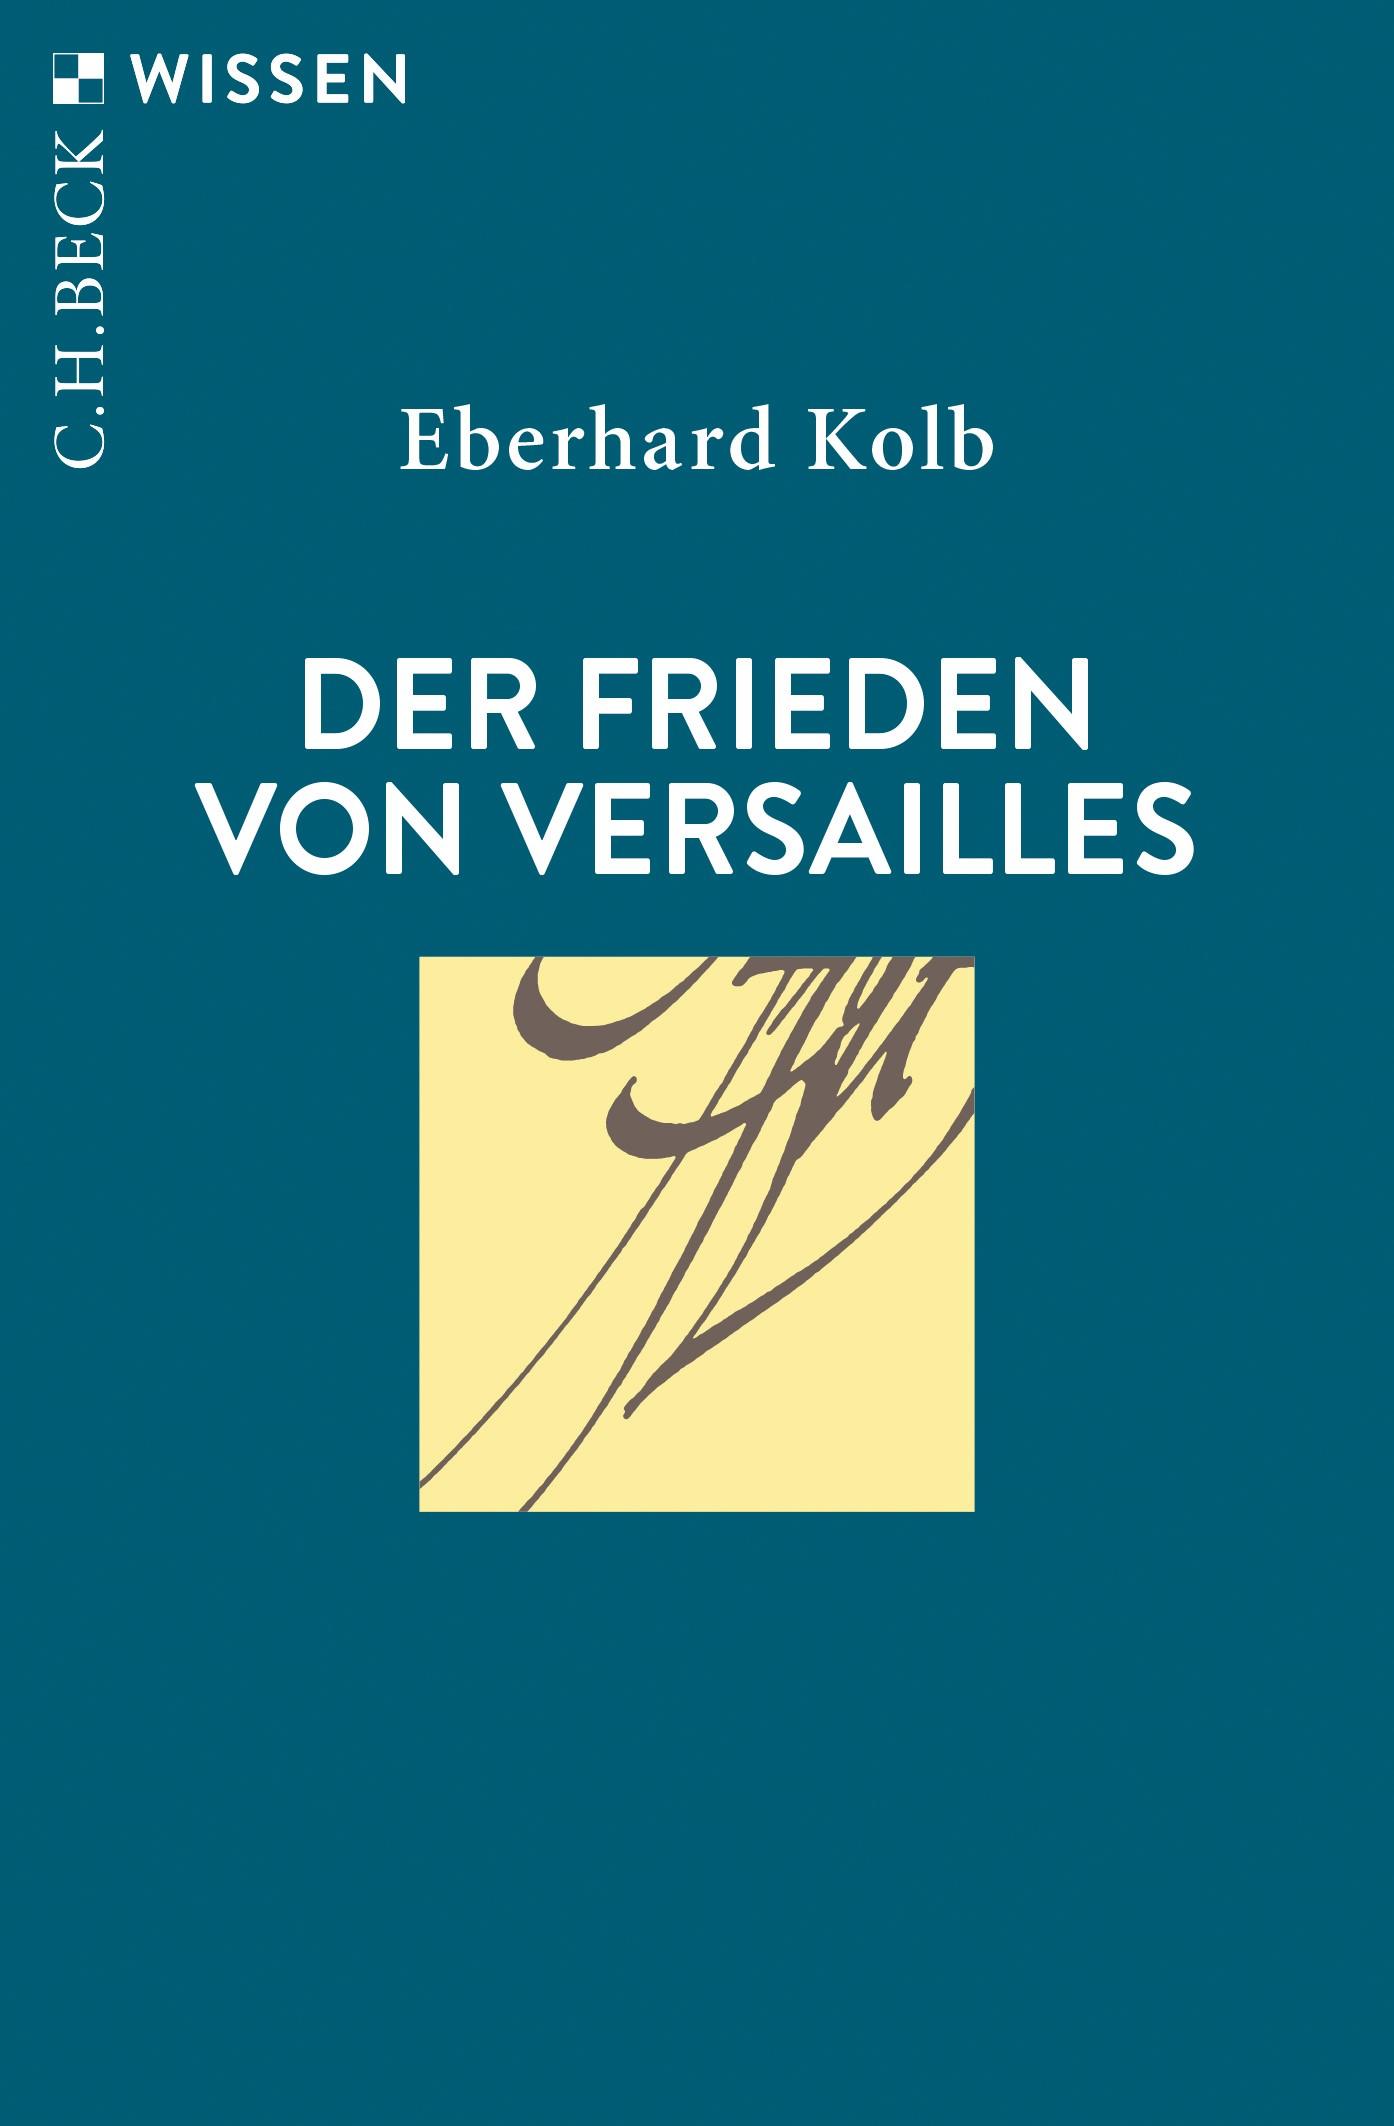 Der Frieden von Versailles | Kolb, Eberhard | 3., durchgesehene und ergänzte Auflage, 2019 | Buch (Cover)